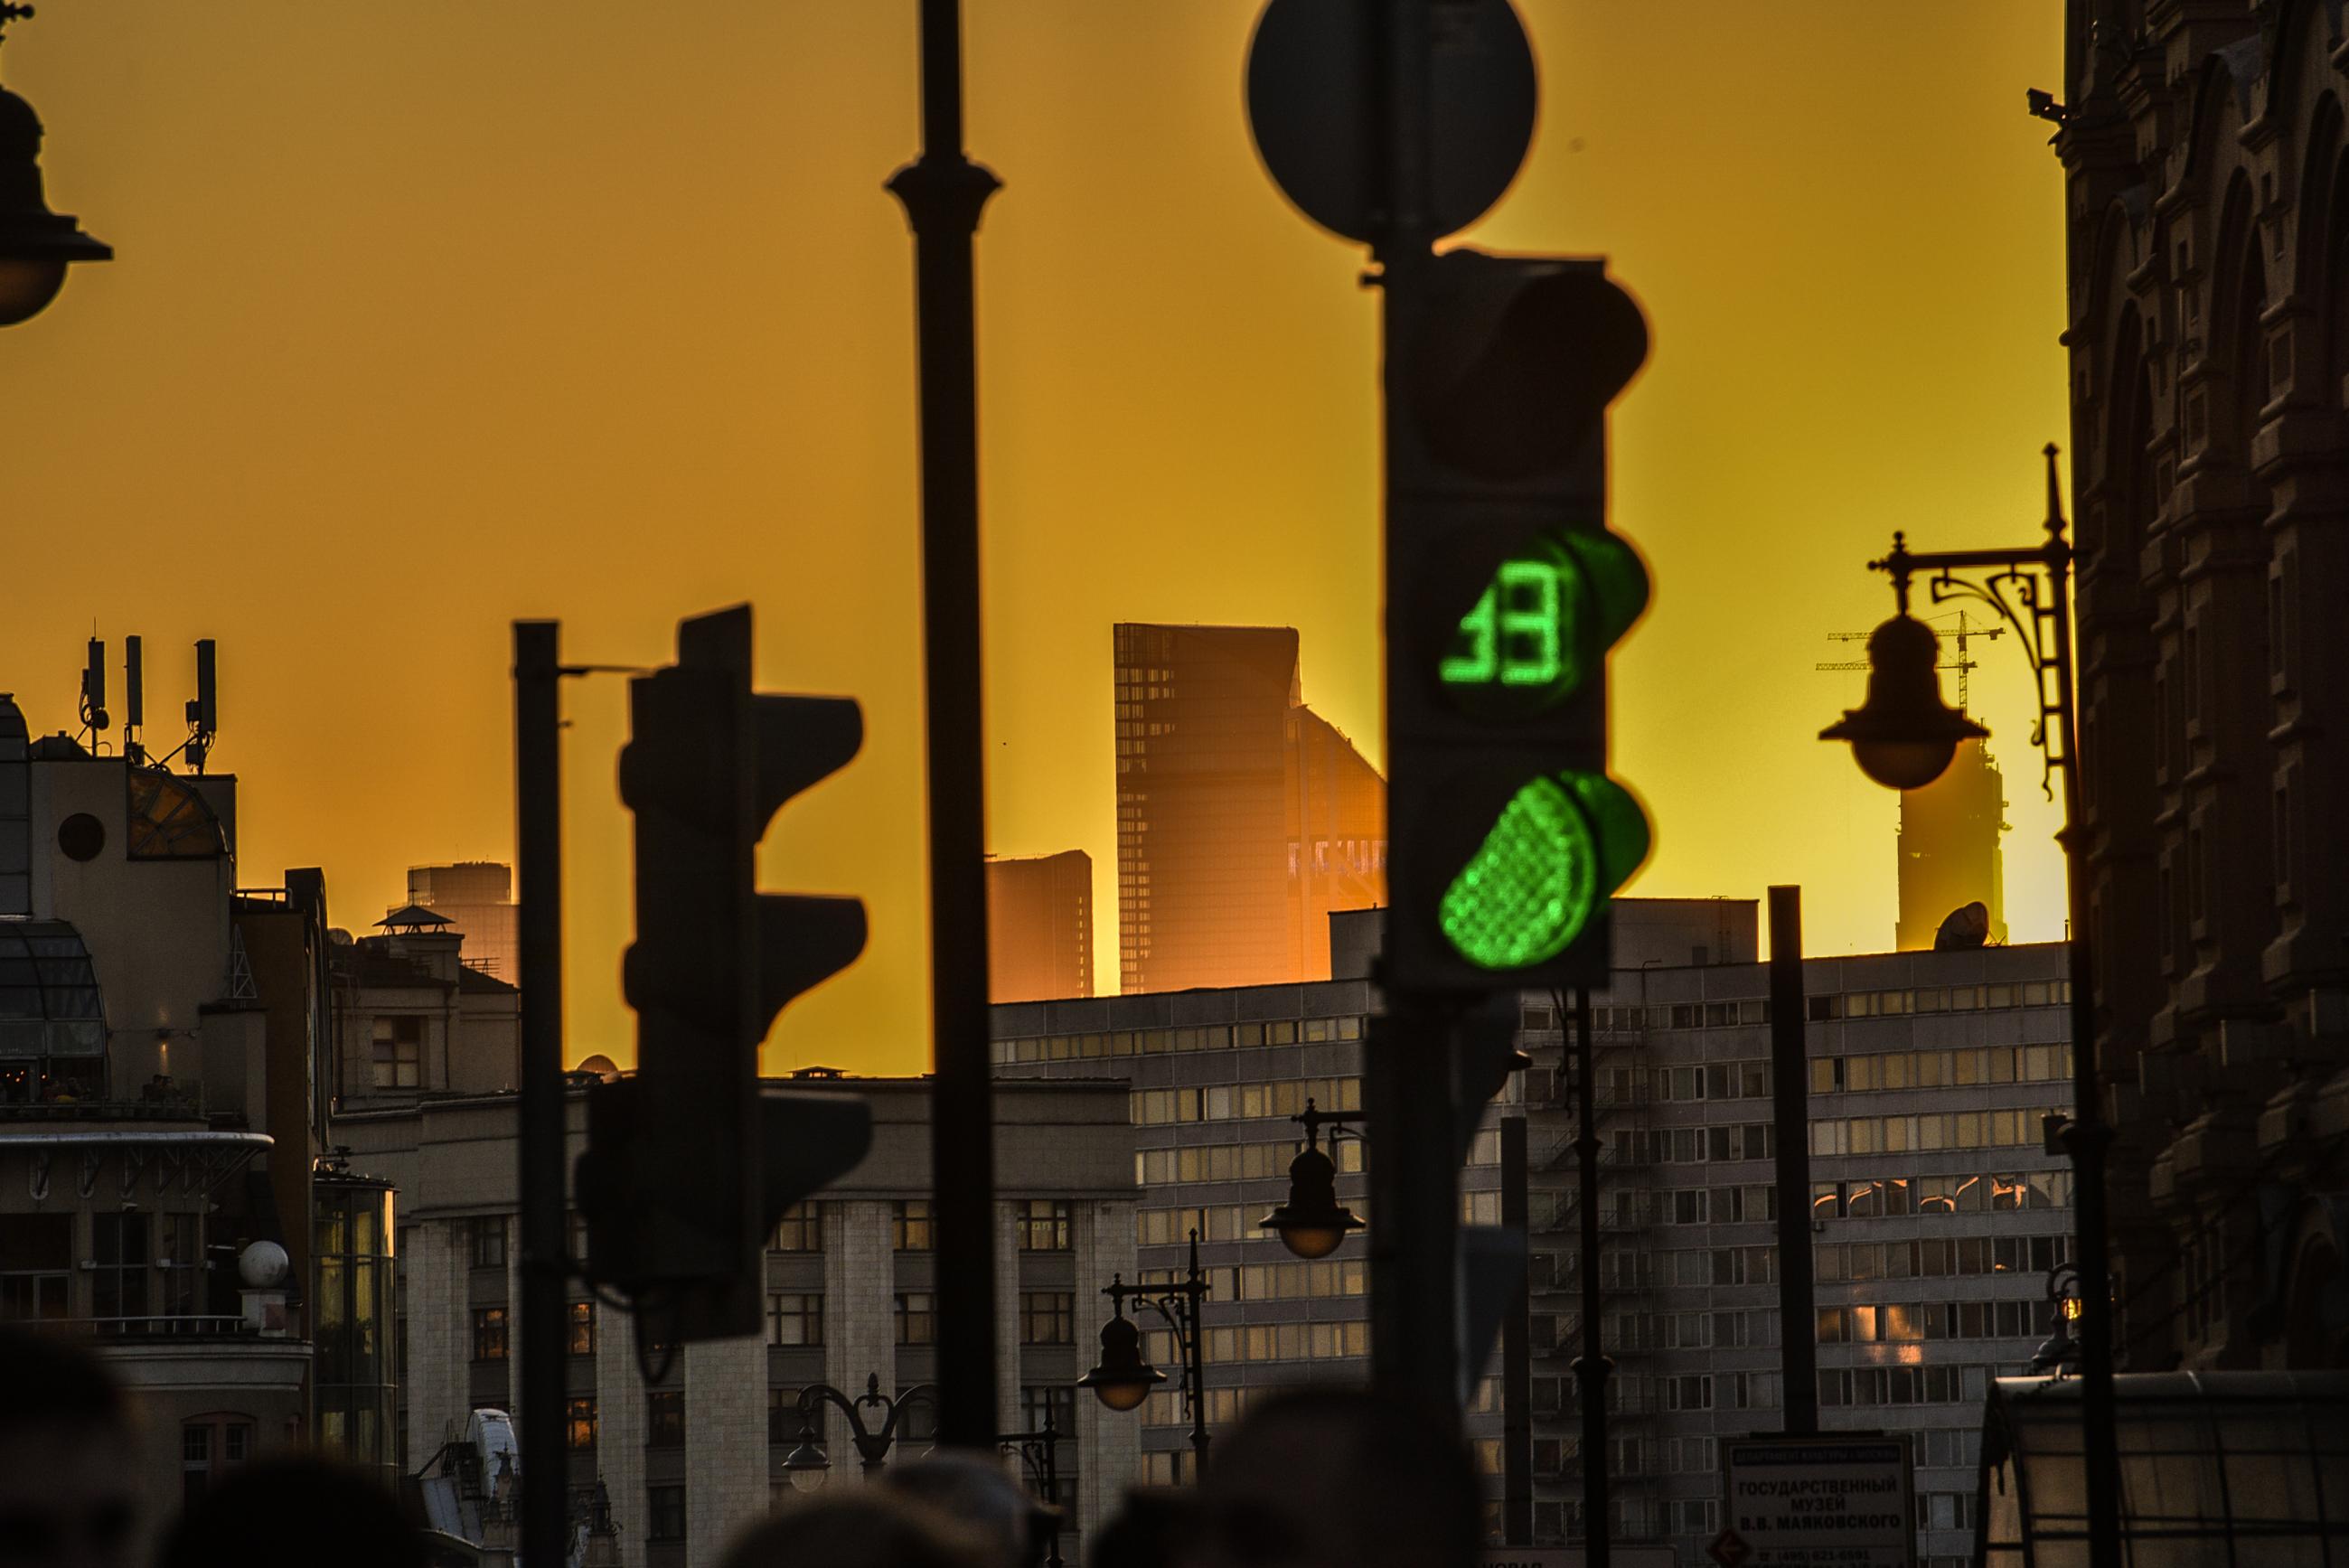 День знаний принесет похолодание в Москву